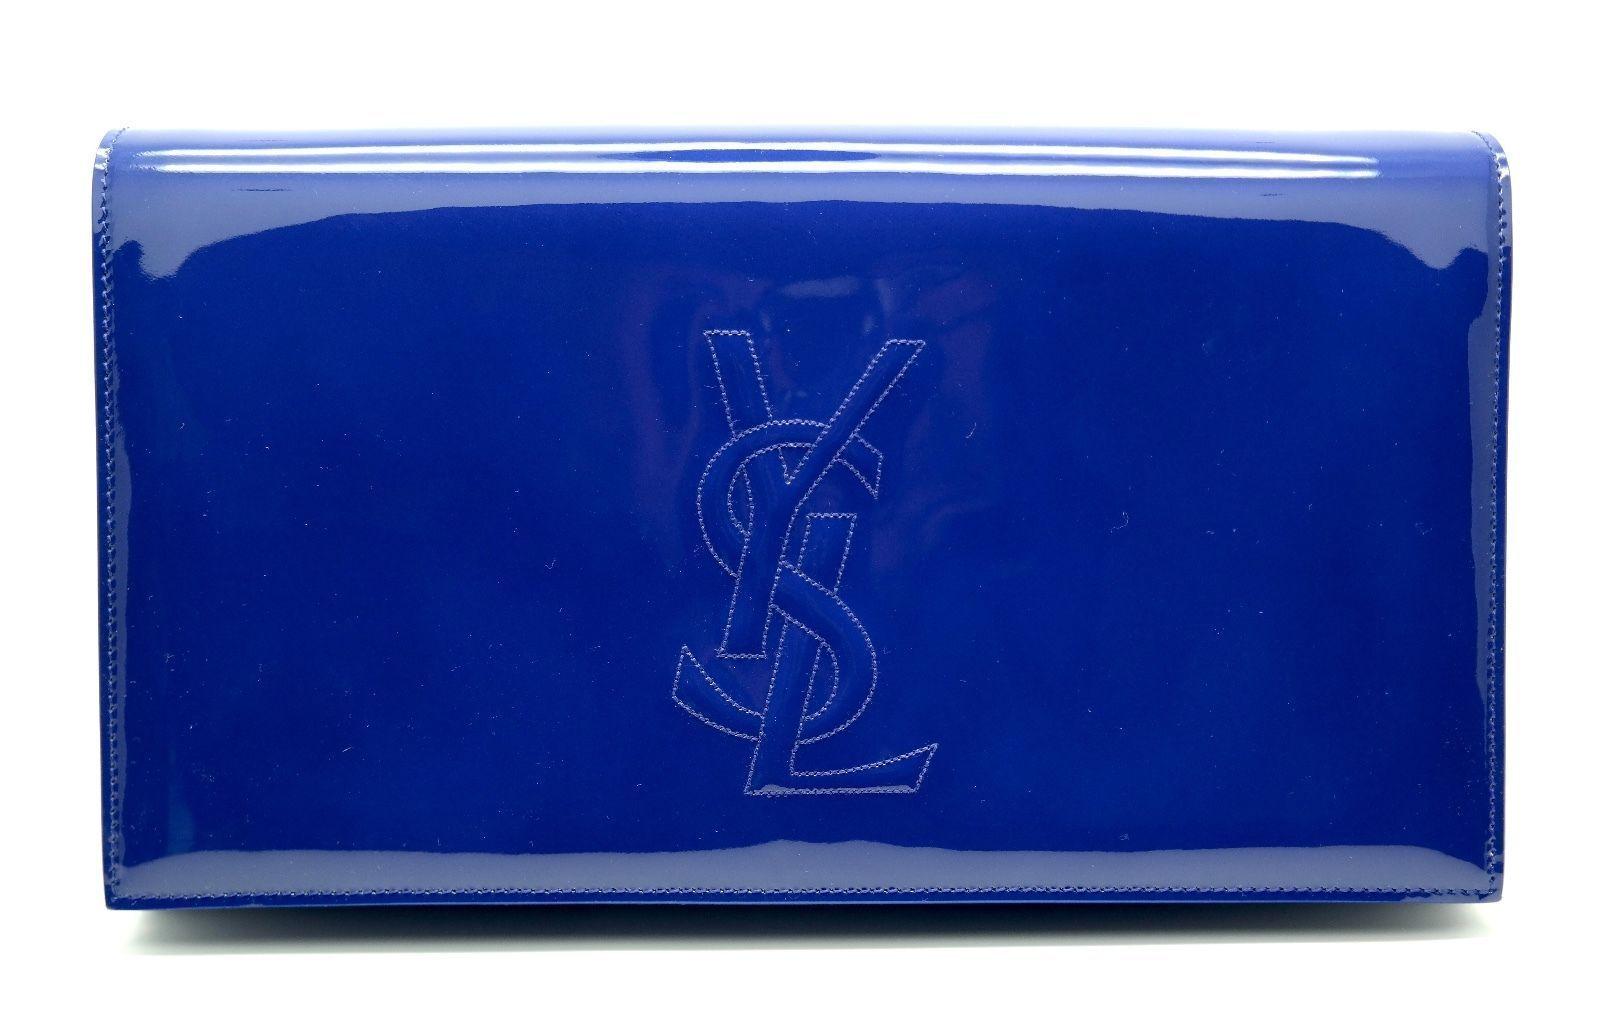 1cb0d1a34cf Authentic Classic YSL Saint Laurent Belle De Jour Clutch Large Blue Patent